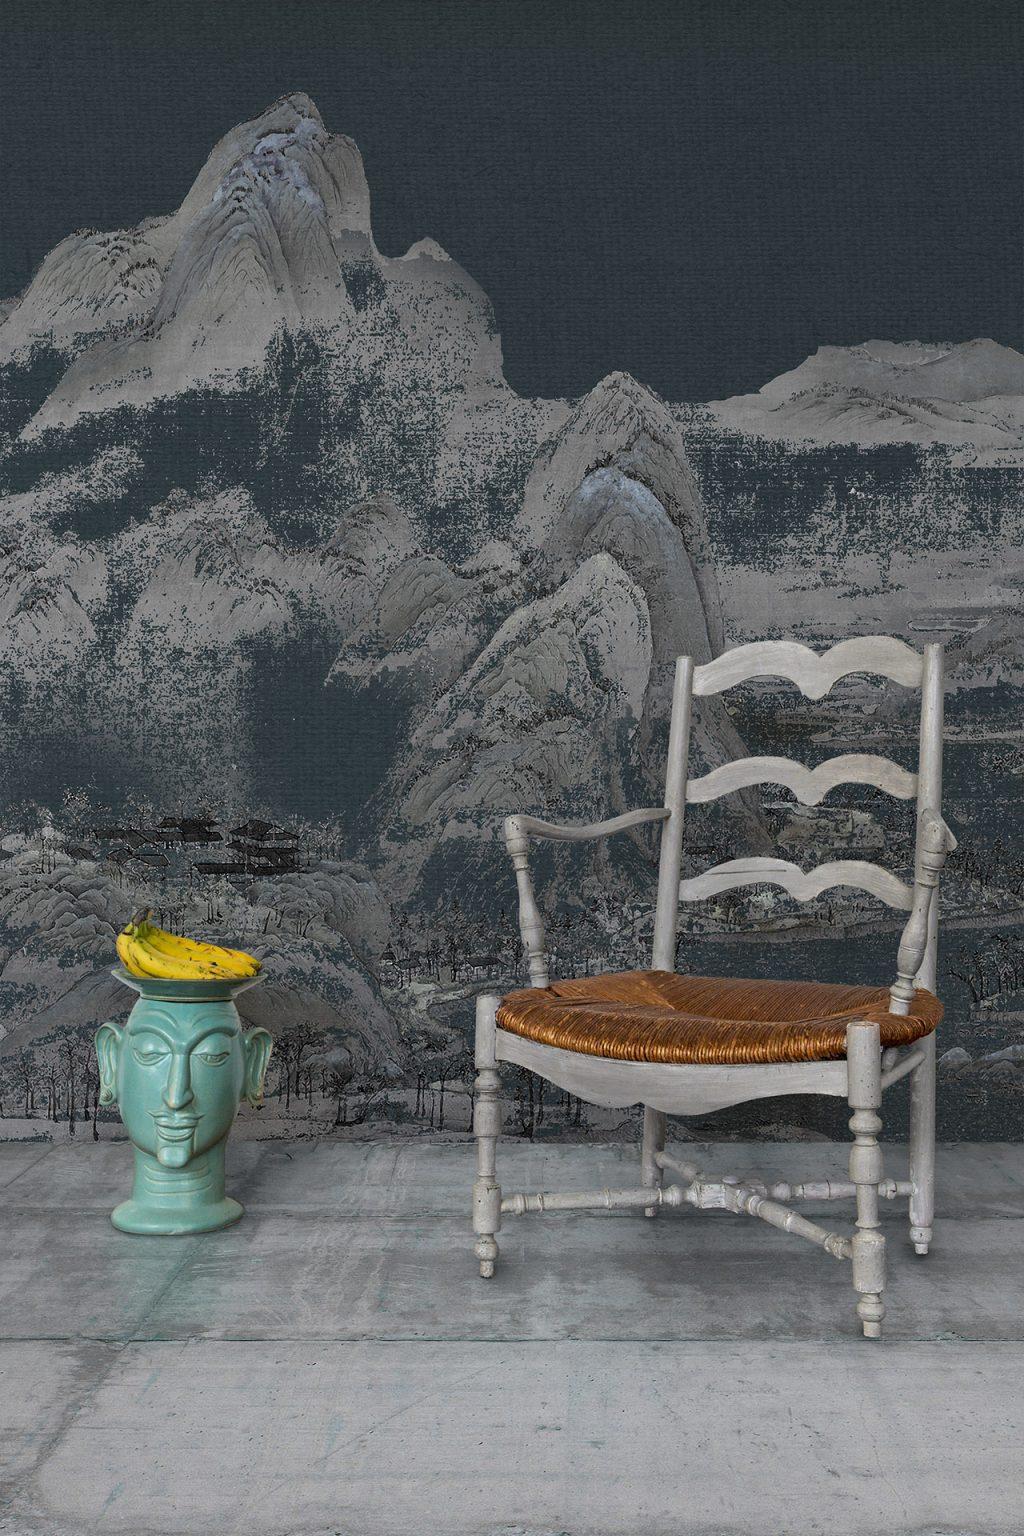 Vito Nesta, Via Delle Silk wallpaper